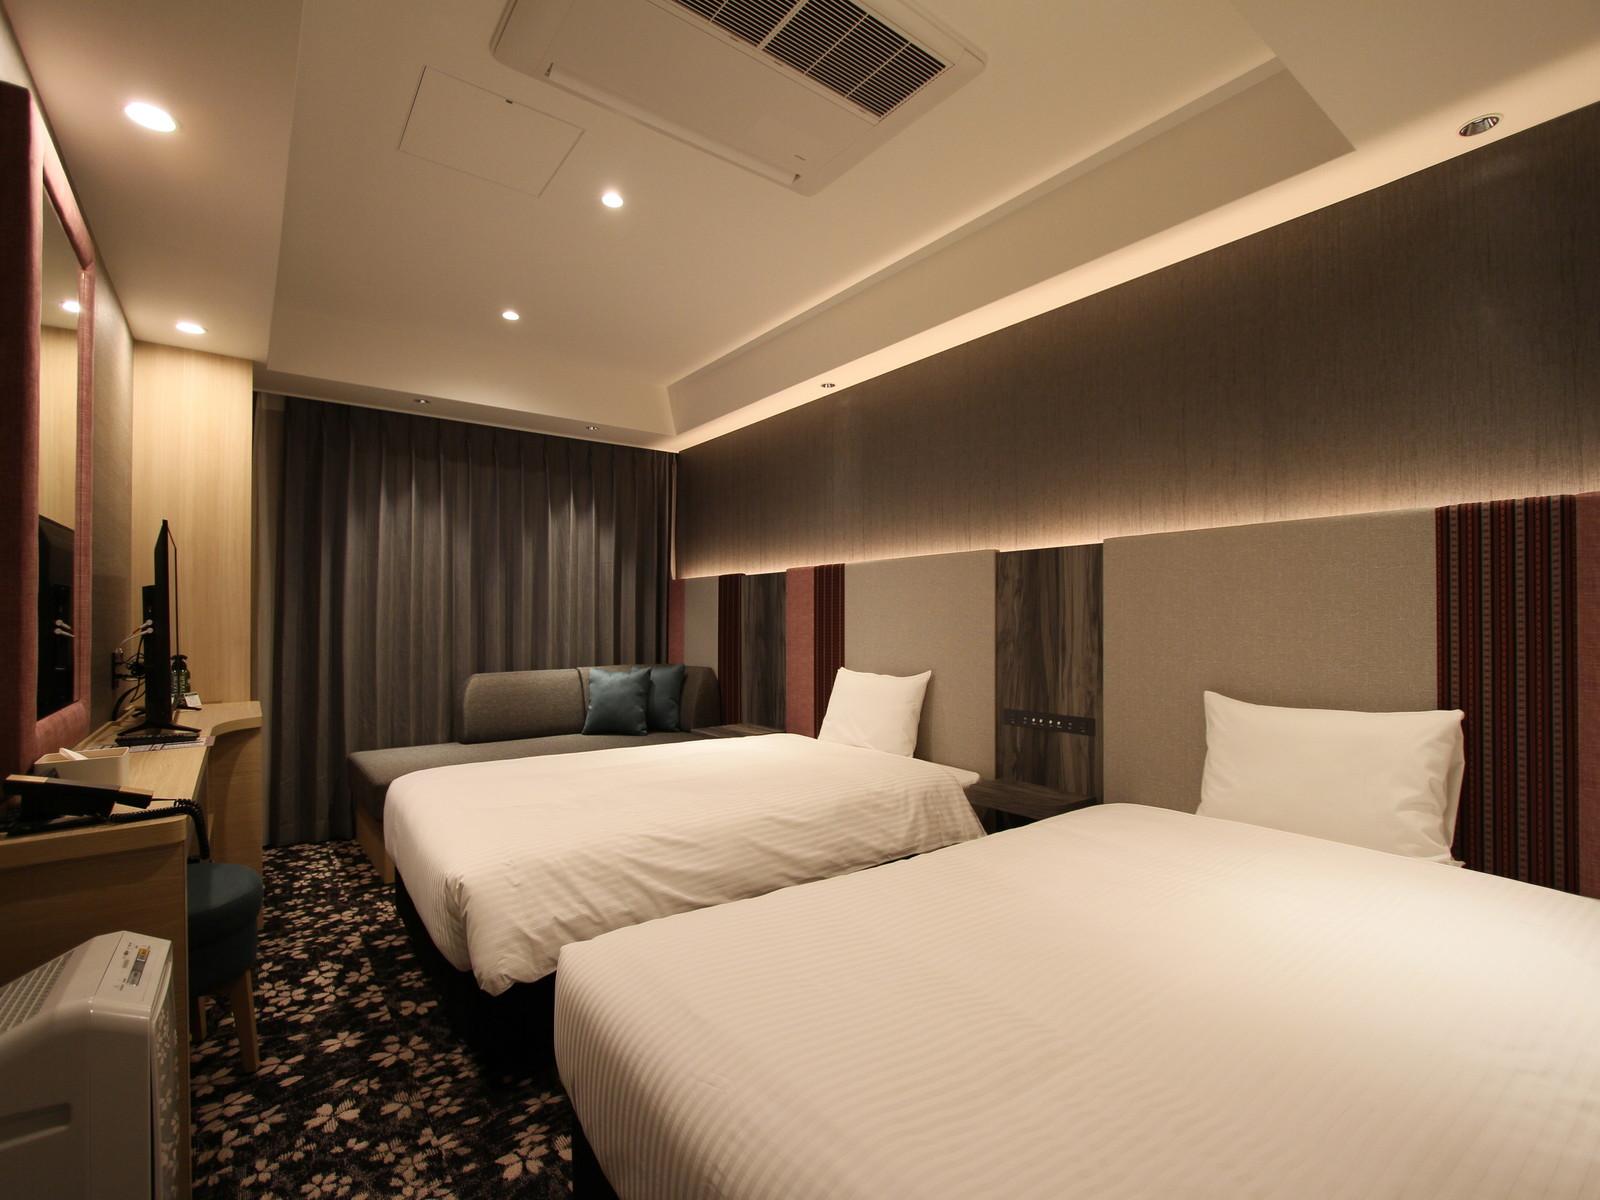 ホテル・トリフィート博多祇園 ツインルーム / 120cm幅ベッド×2台 + 90cm幅ソファベッド×1台 / 大人最大3名、宿泊